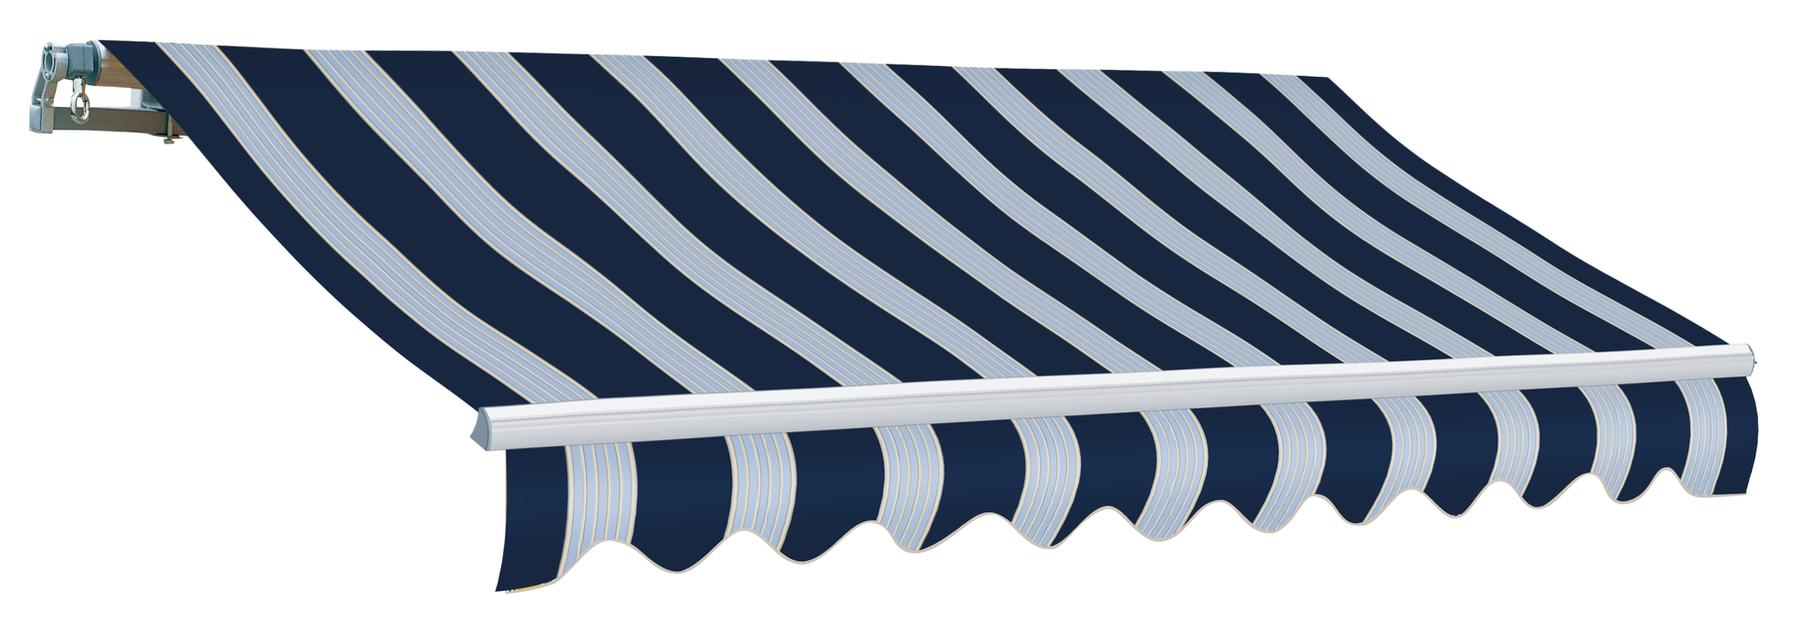 Markise Matilda, Bredde 3.6 m, Marineblå